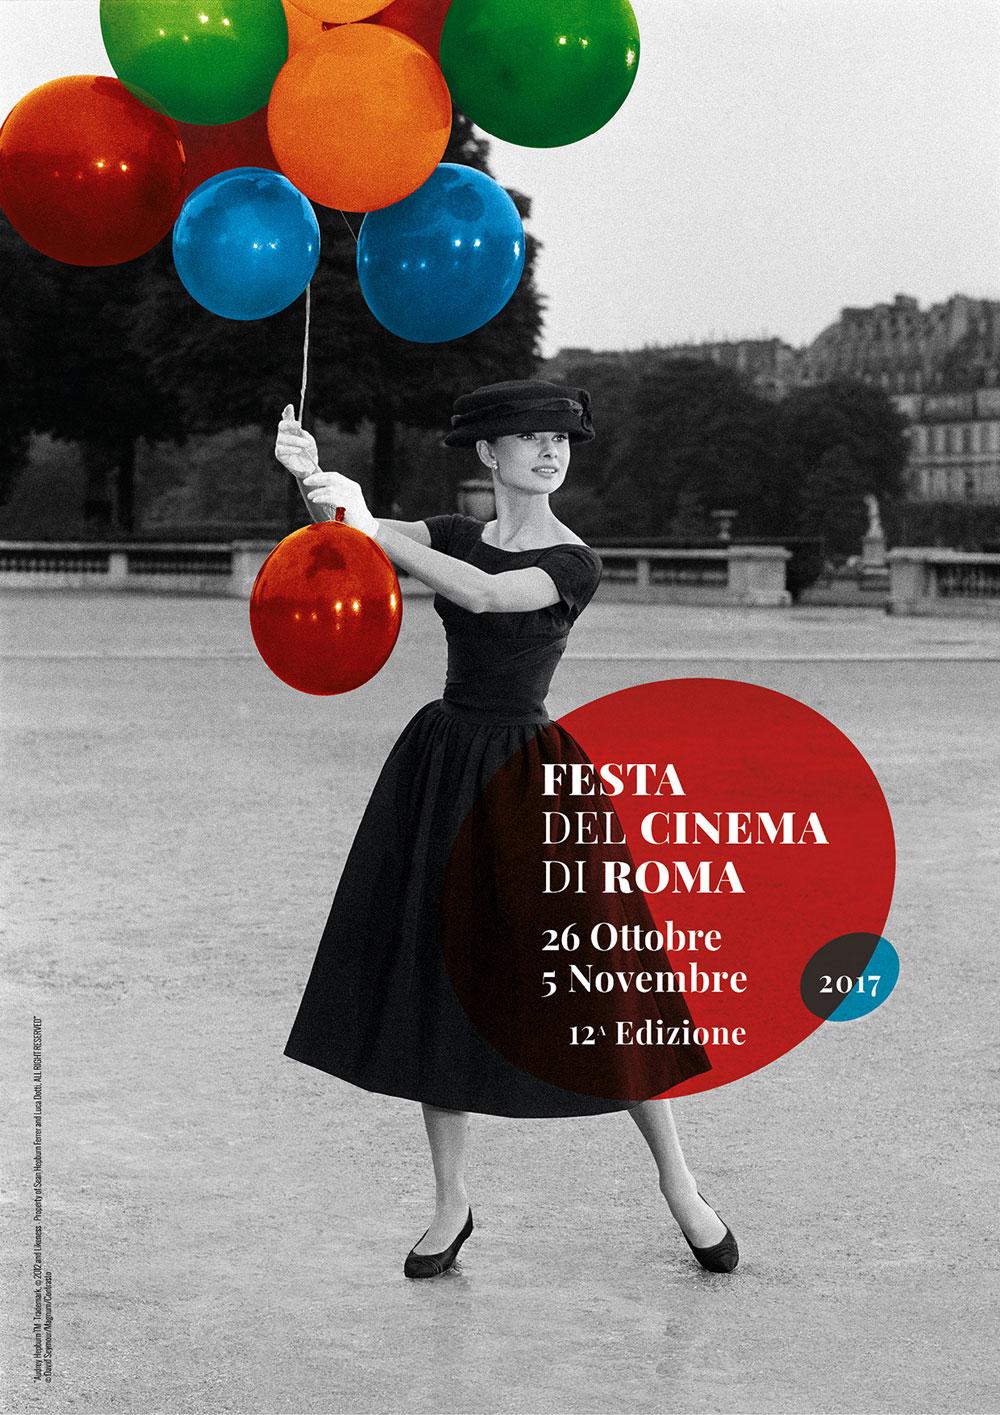 festa-cinema-roma-immagine-